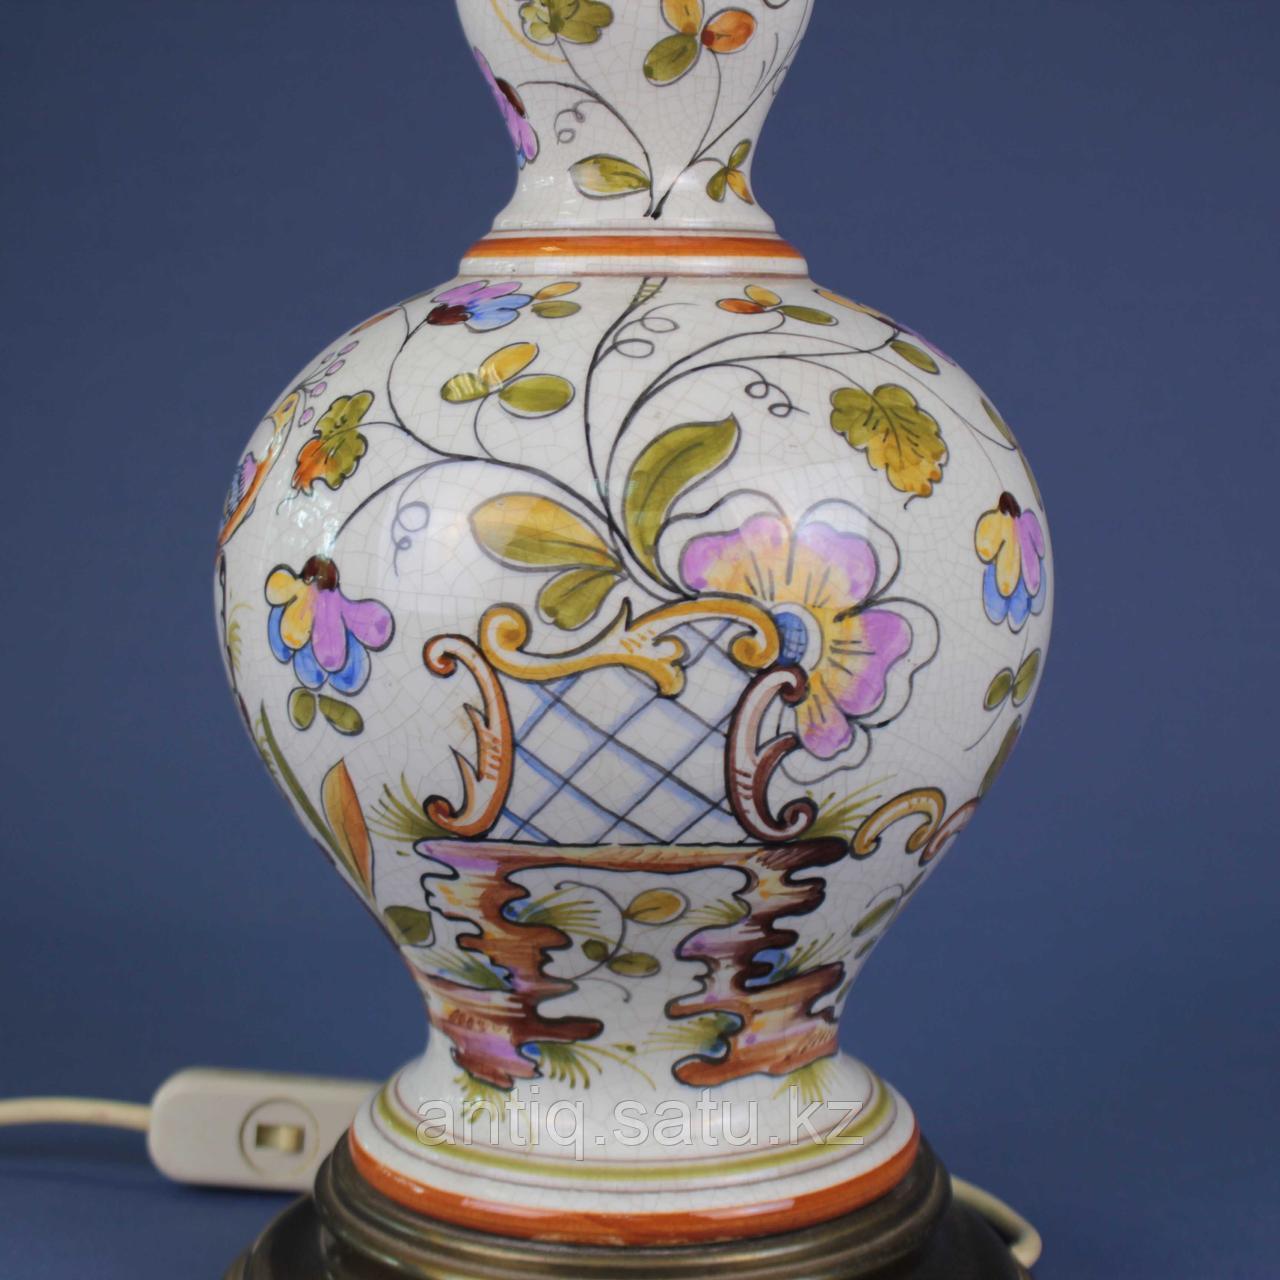 Лампа из итальянской мойолики. - фото 2